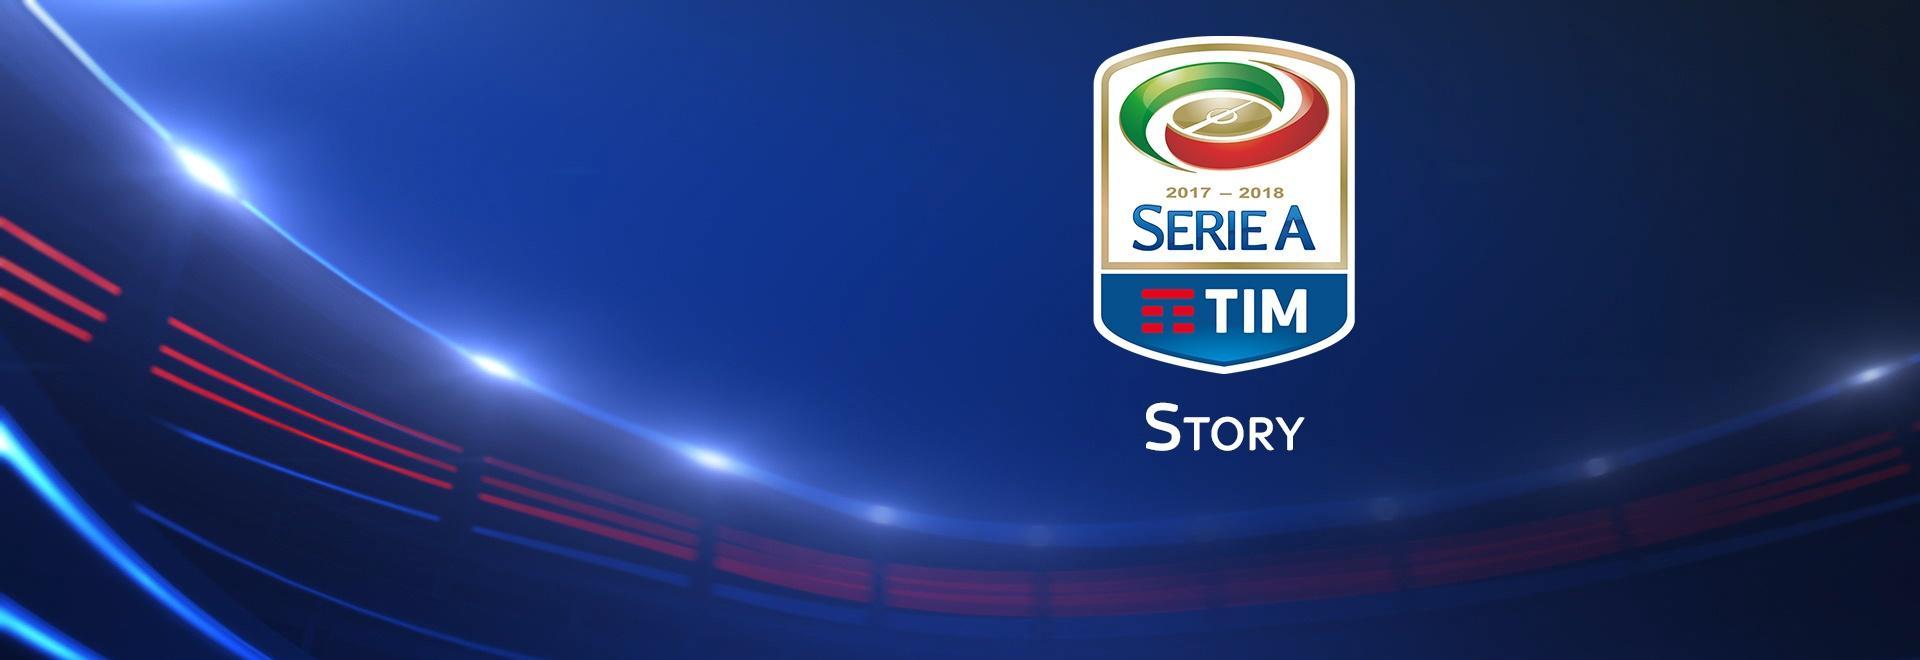 Sampdoria - Genoa 08/05/16